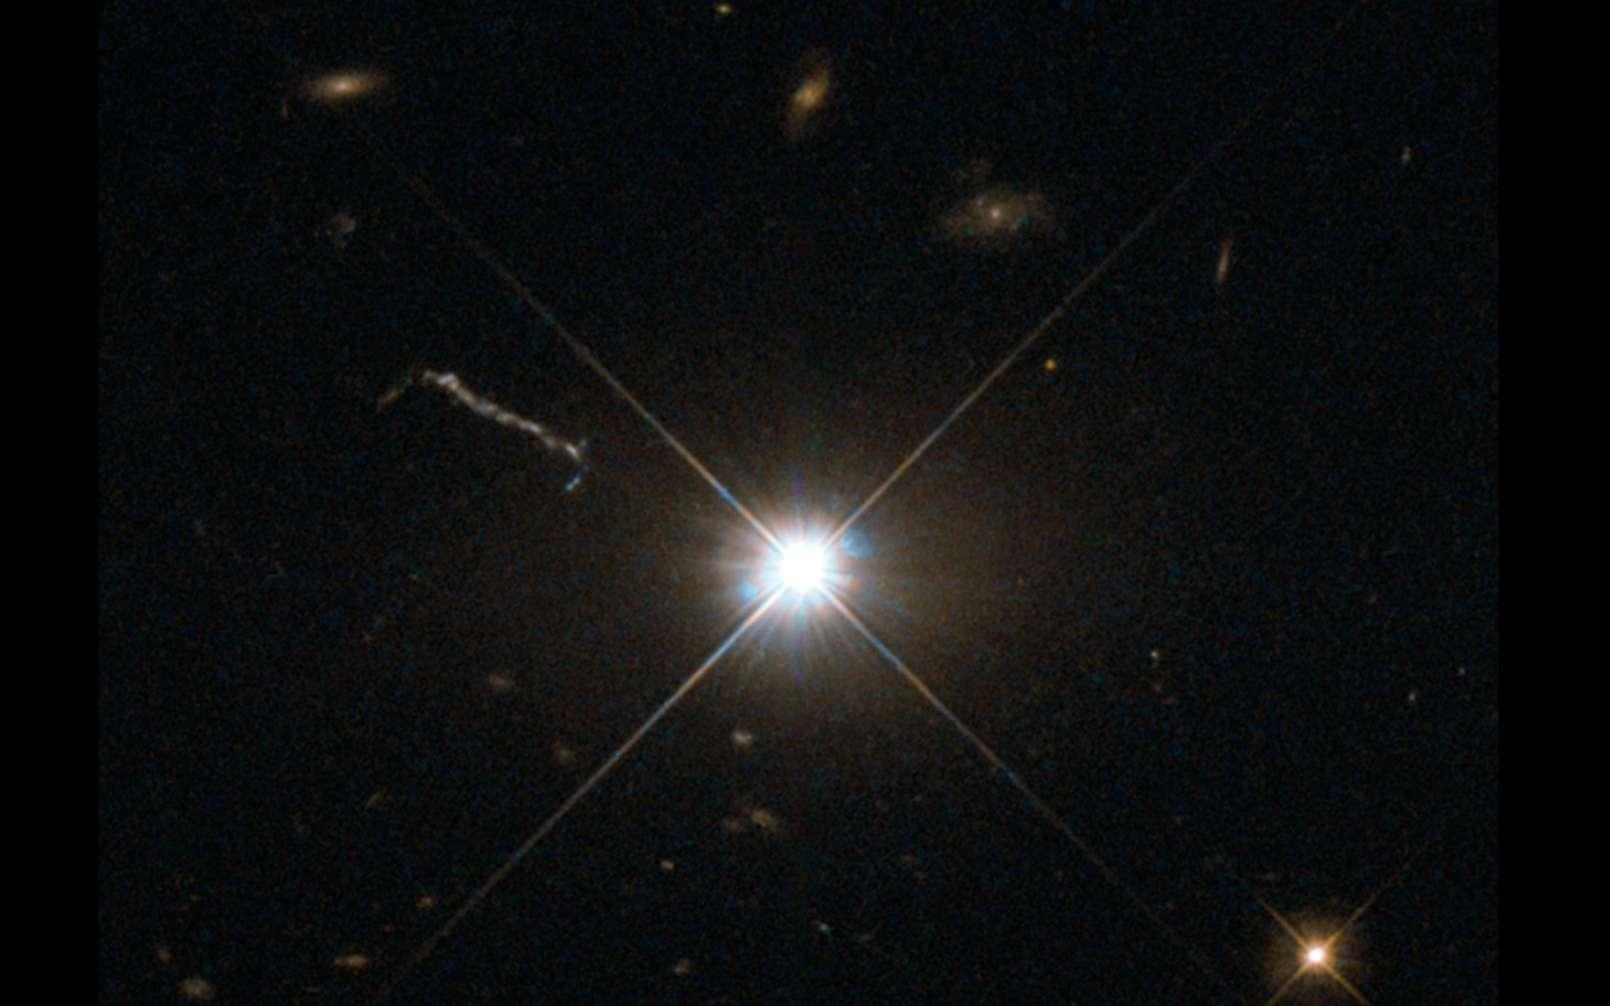 Image optique du quasar 3C 273, obtenue avec le télescope spatial Hubble. Le quasar réside au cœur d'une galaxie elliptique géante de la constellation de la Vierge, à une distance d'environ 2,5 milliards d'années-lumière. Un jet de matière provenant des régions centrales de la galaxie est visible à gauche de l'image. © CNRS, ESA, Hubble & Nasa